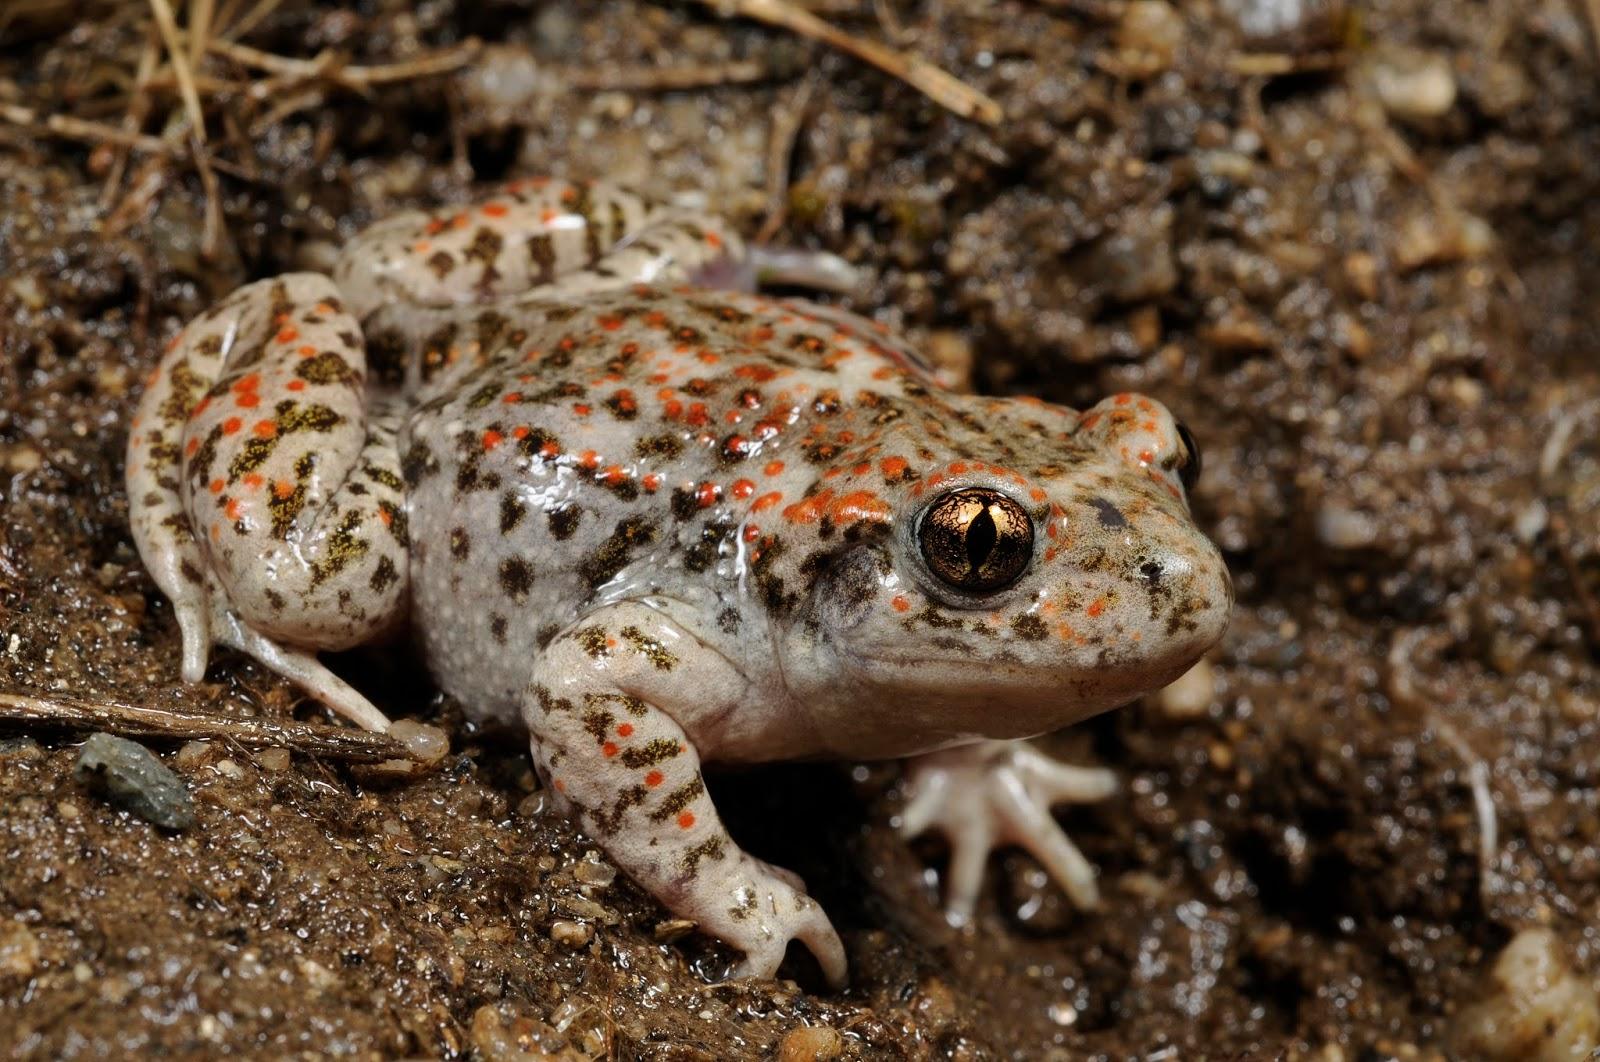 Amphibians: Benny Trapp Alytes cisternasii